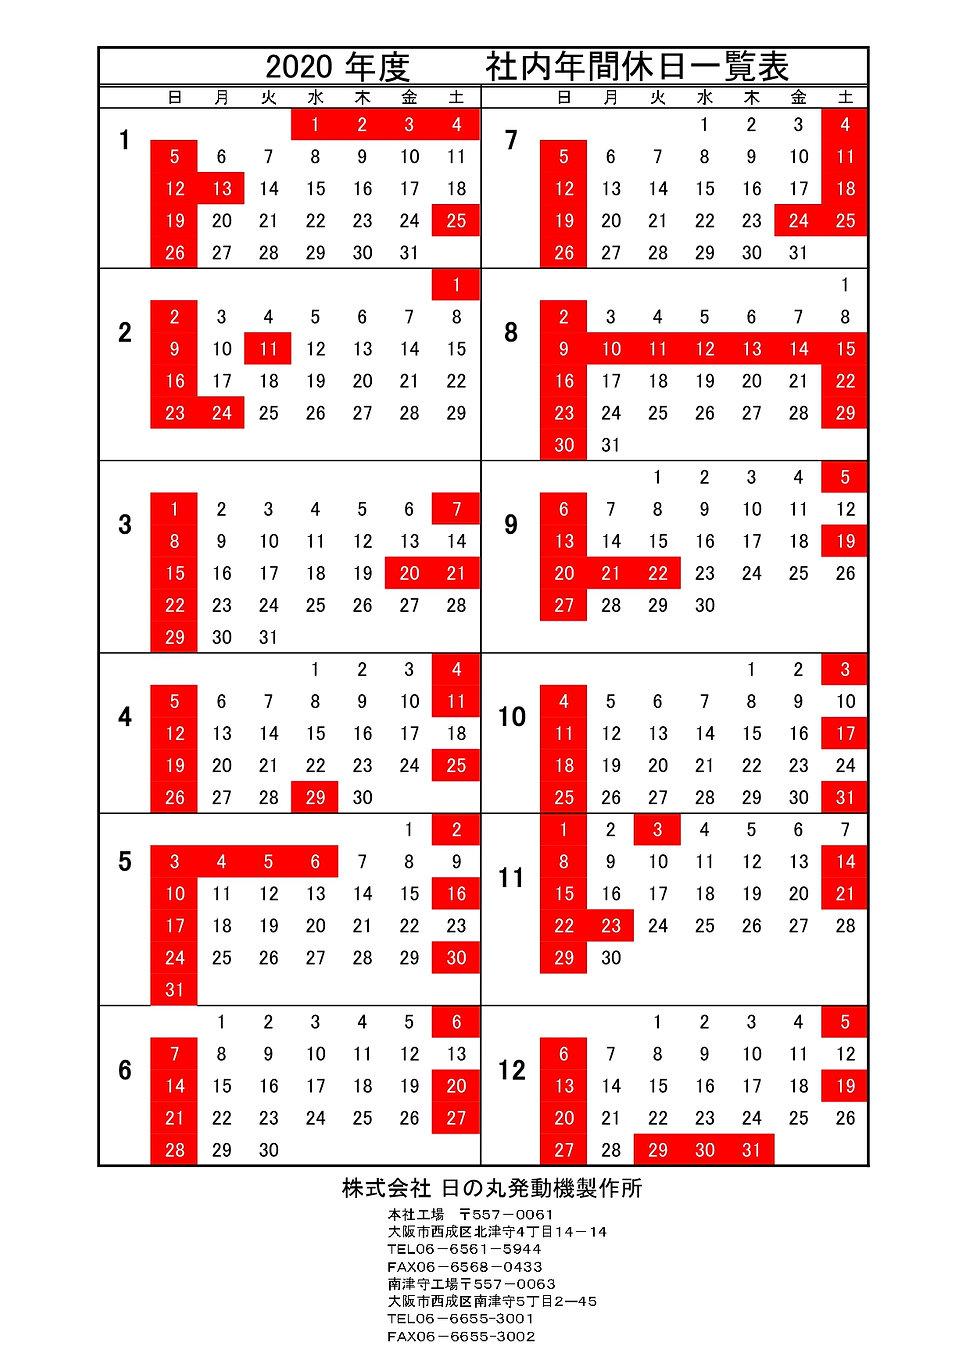 年間カレンダー(2020)社外用_page-0001.jpg